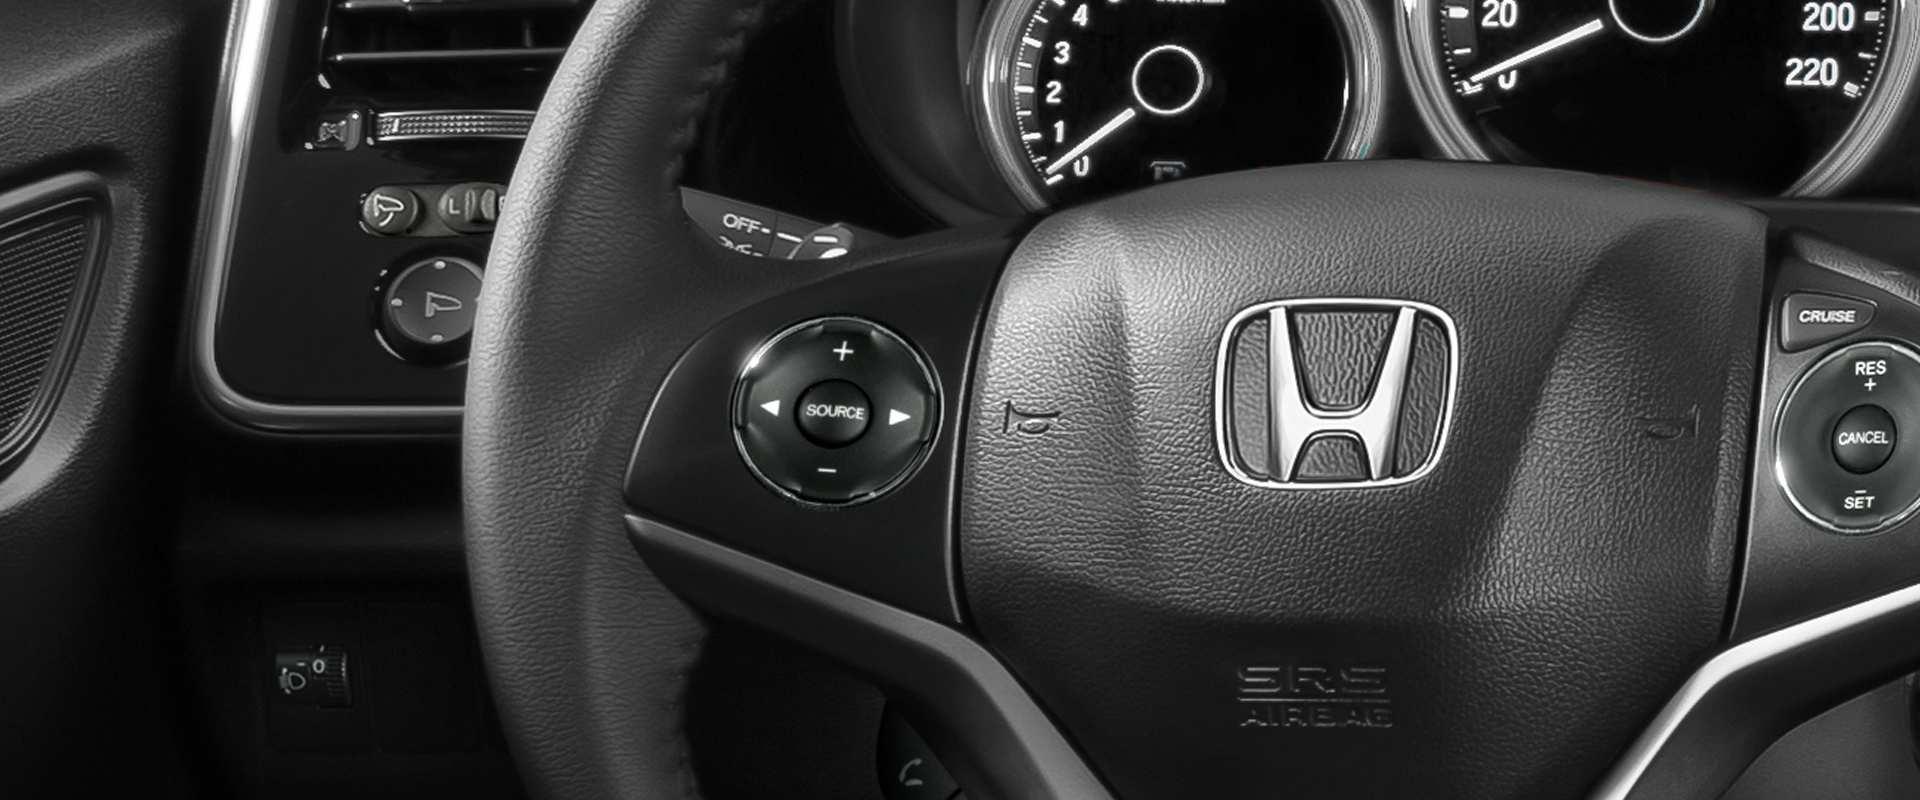 Controles de áudio no volante